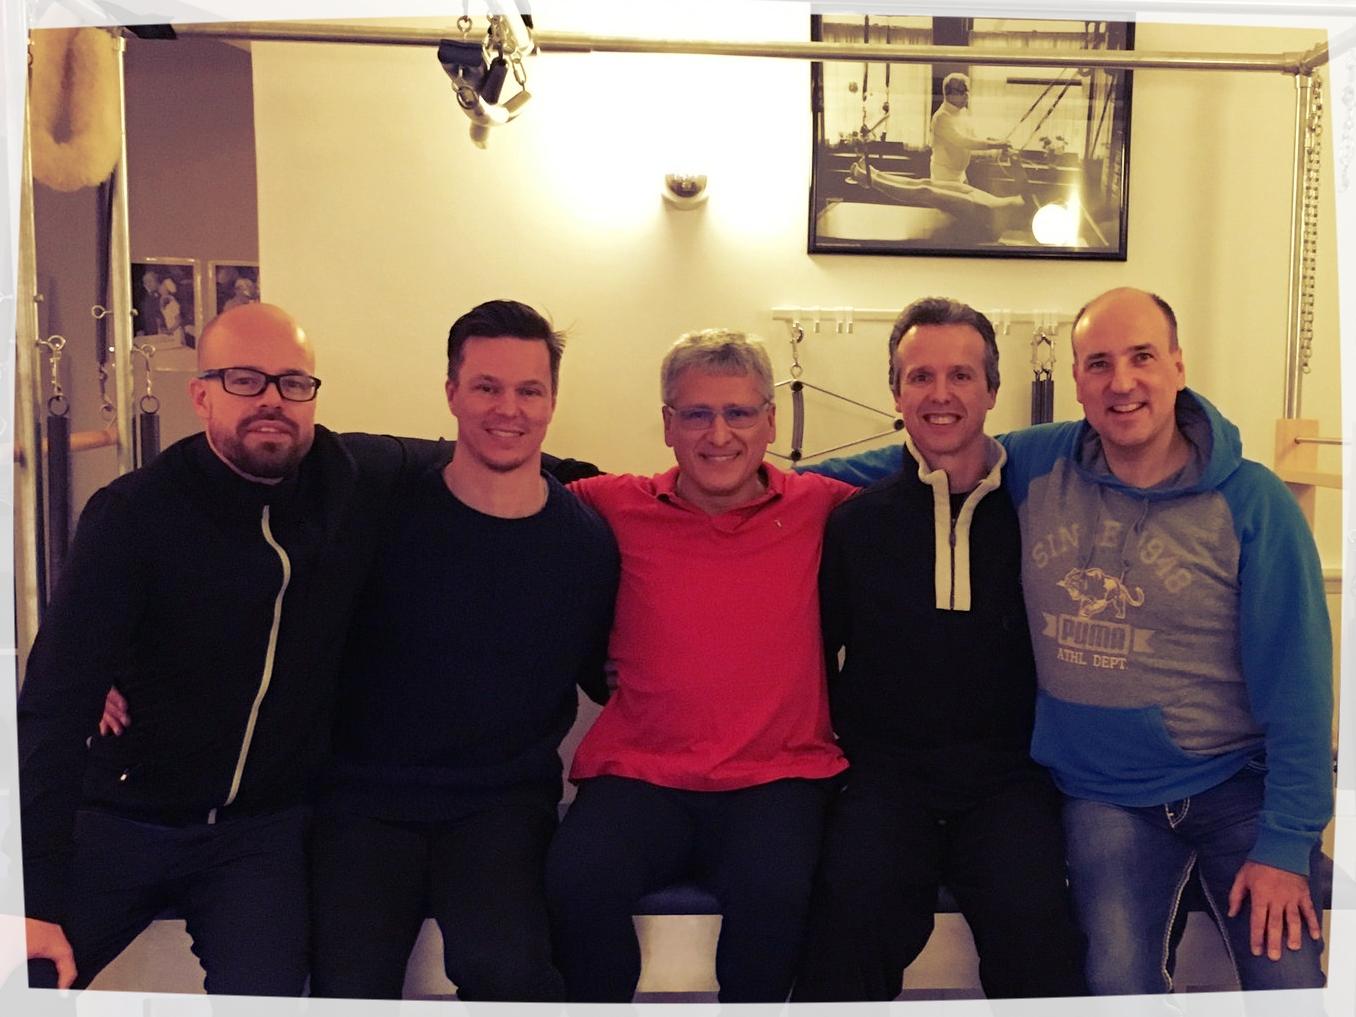 Tony Rockoff aus Hamburg, Fredrik Prag aus Malmö/Schweden, Moses Urbano aus San Diego/USA, Toni Manzanares aus Barcelona/Spanien und Reiner Grootenhuis aus Tönisvorst :-x